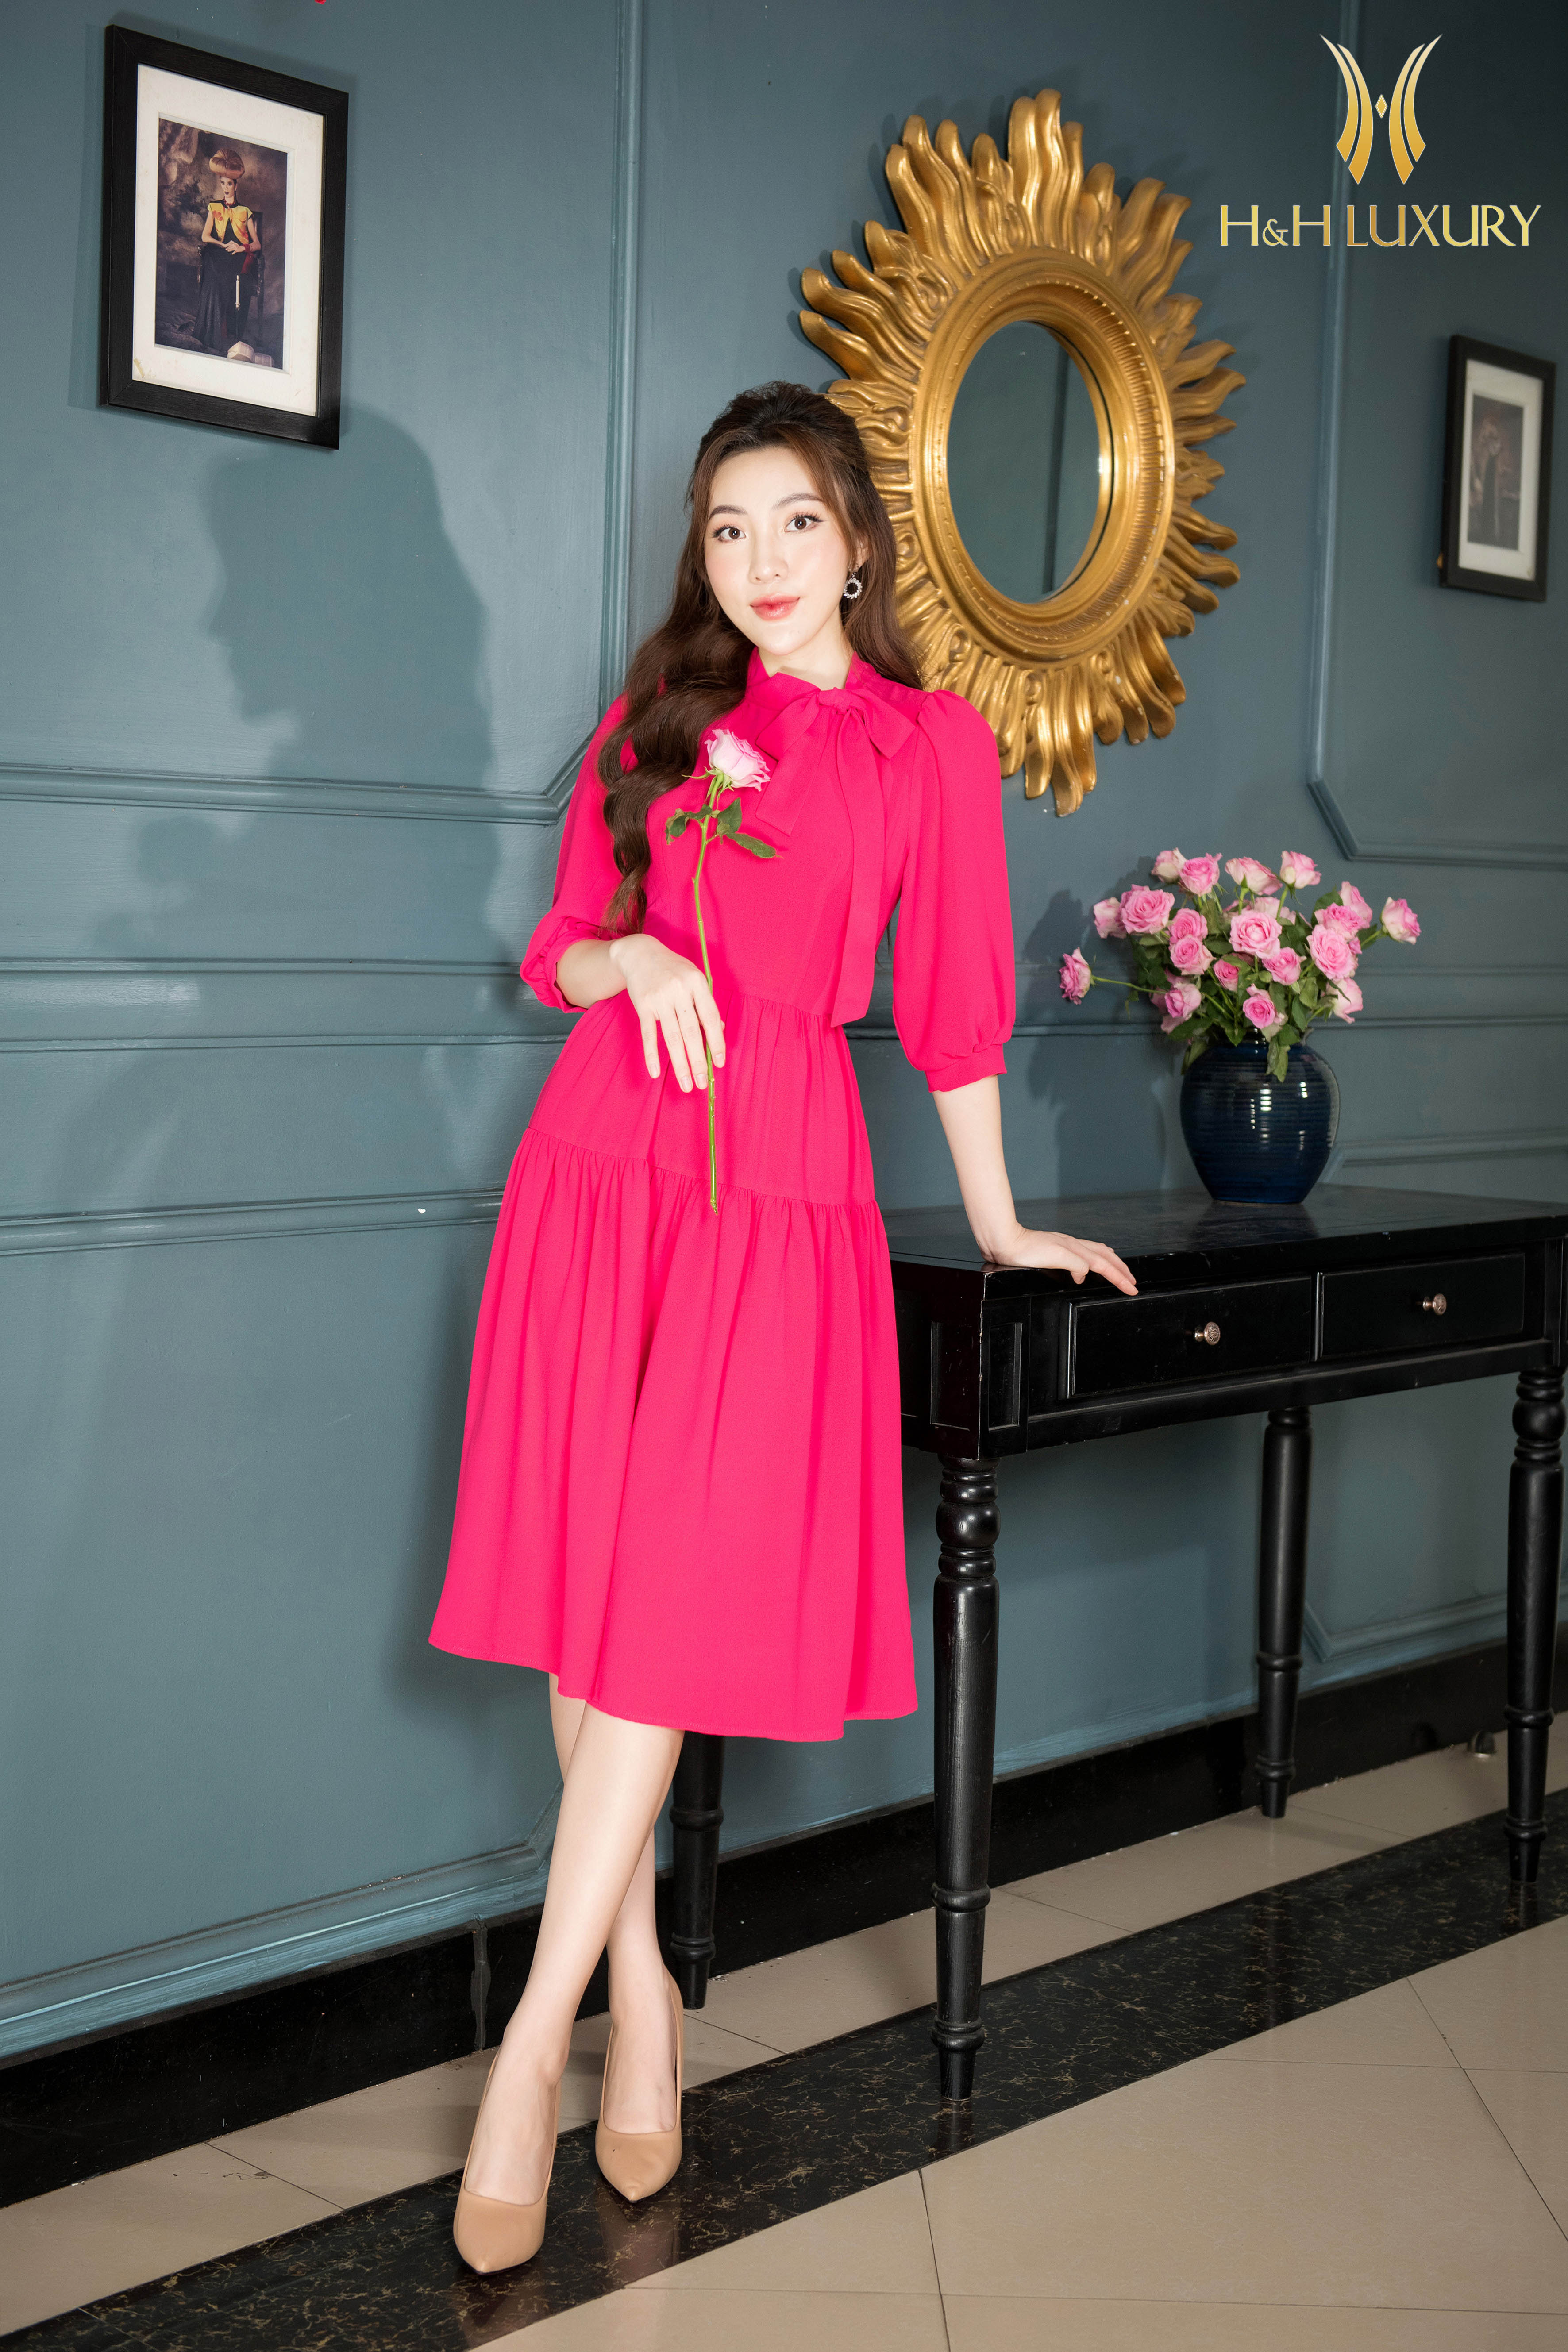 Đầm xòe hồng nơ cổ nhún 3 tầng